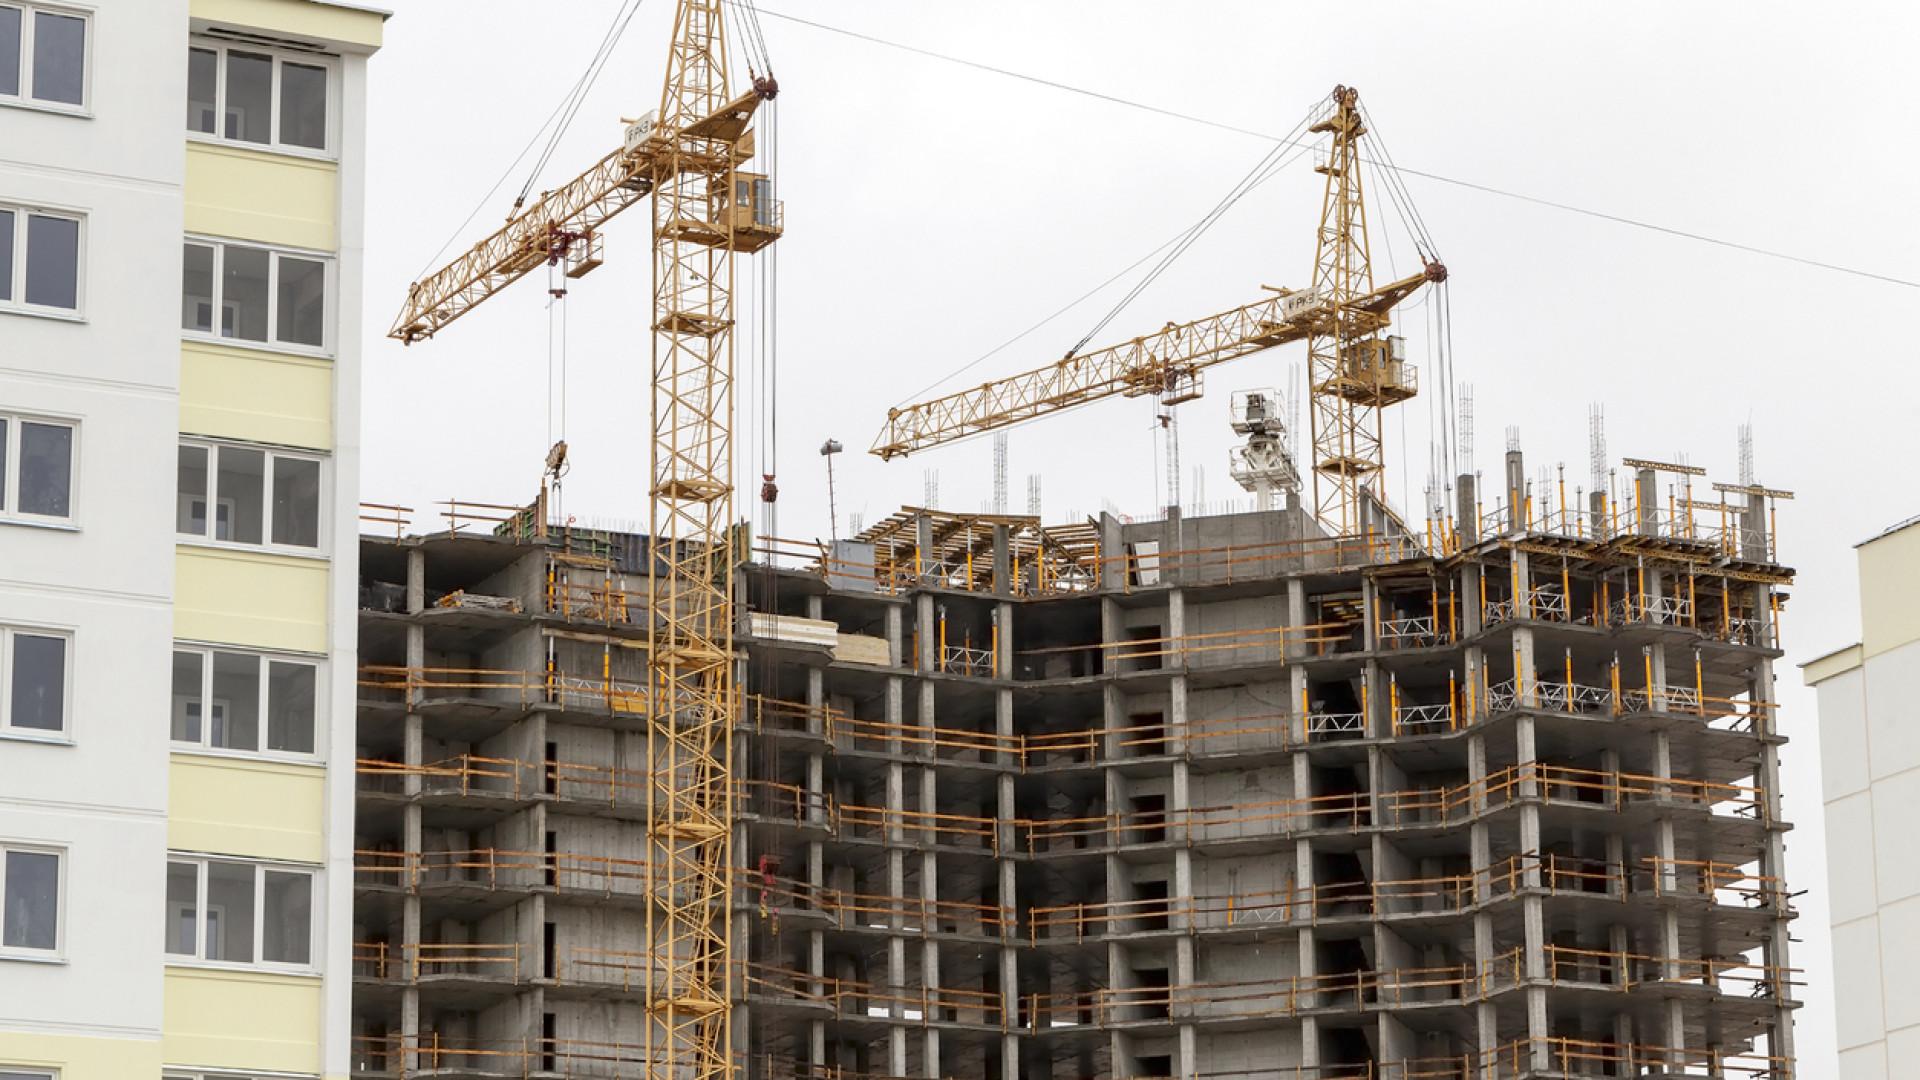 Custos da construção de habitação nova sobem 1,6% em junho